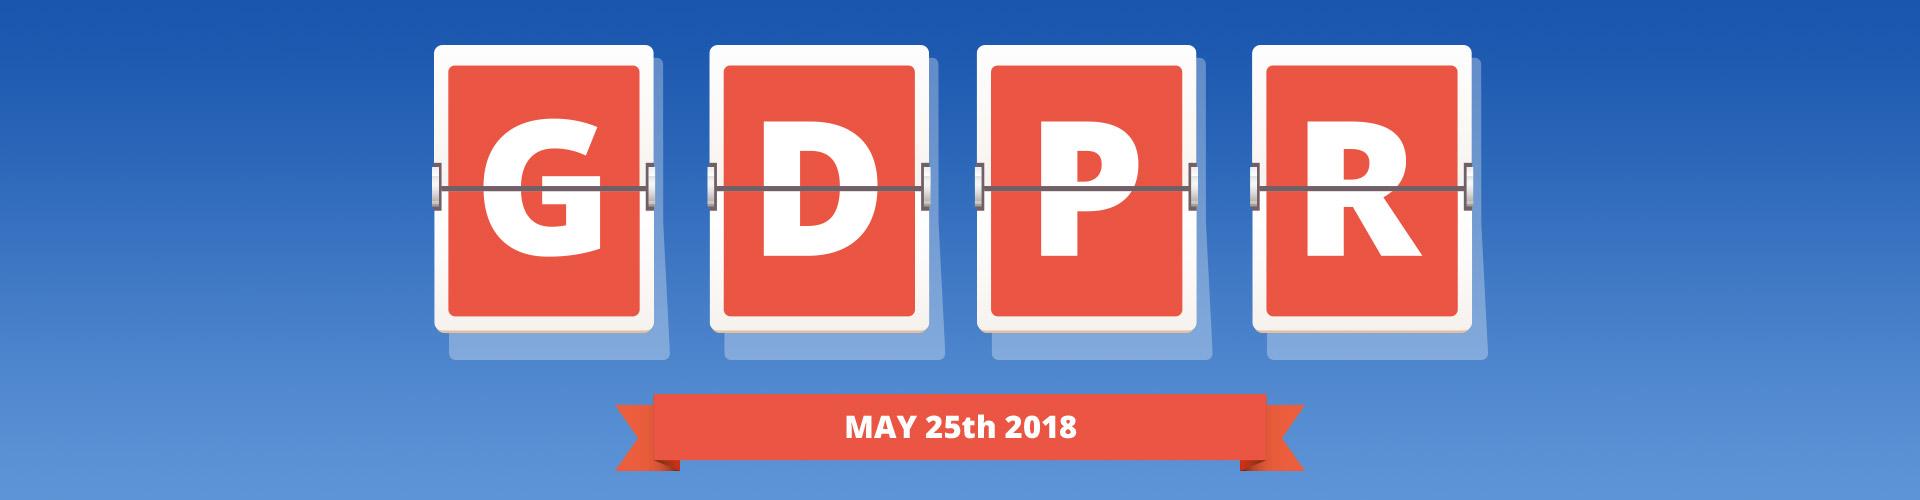 GDPR Update